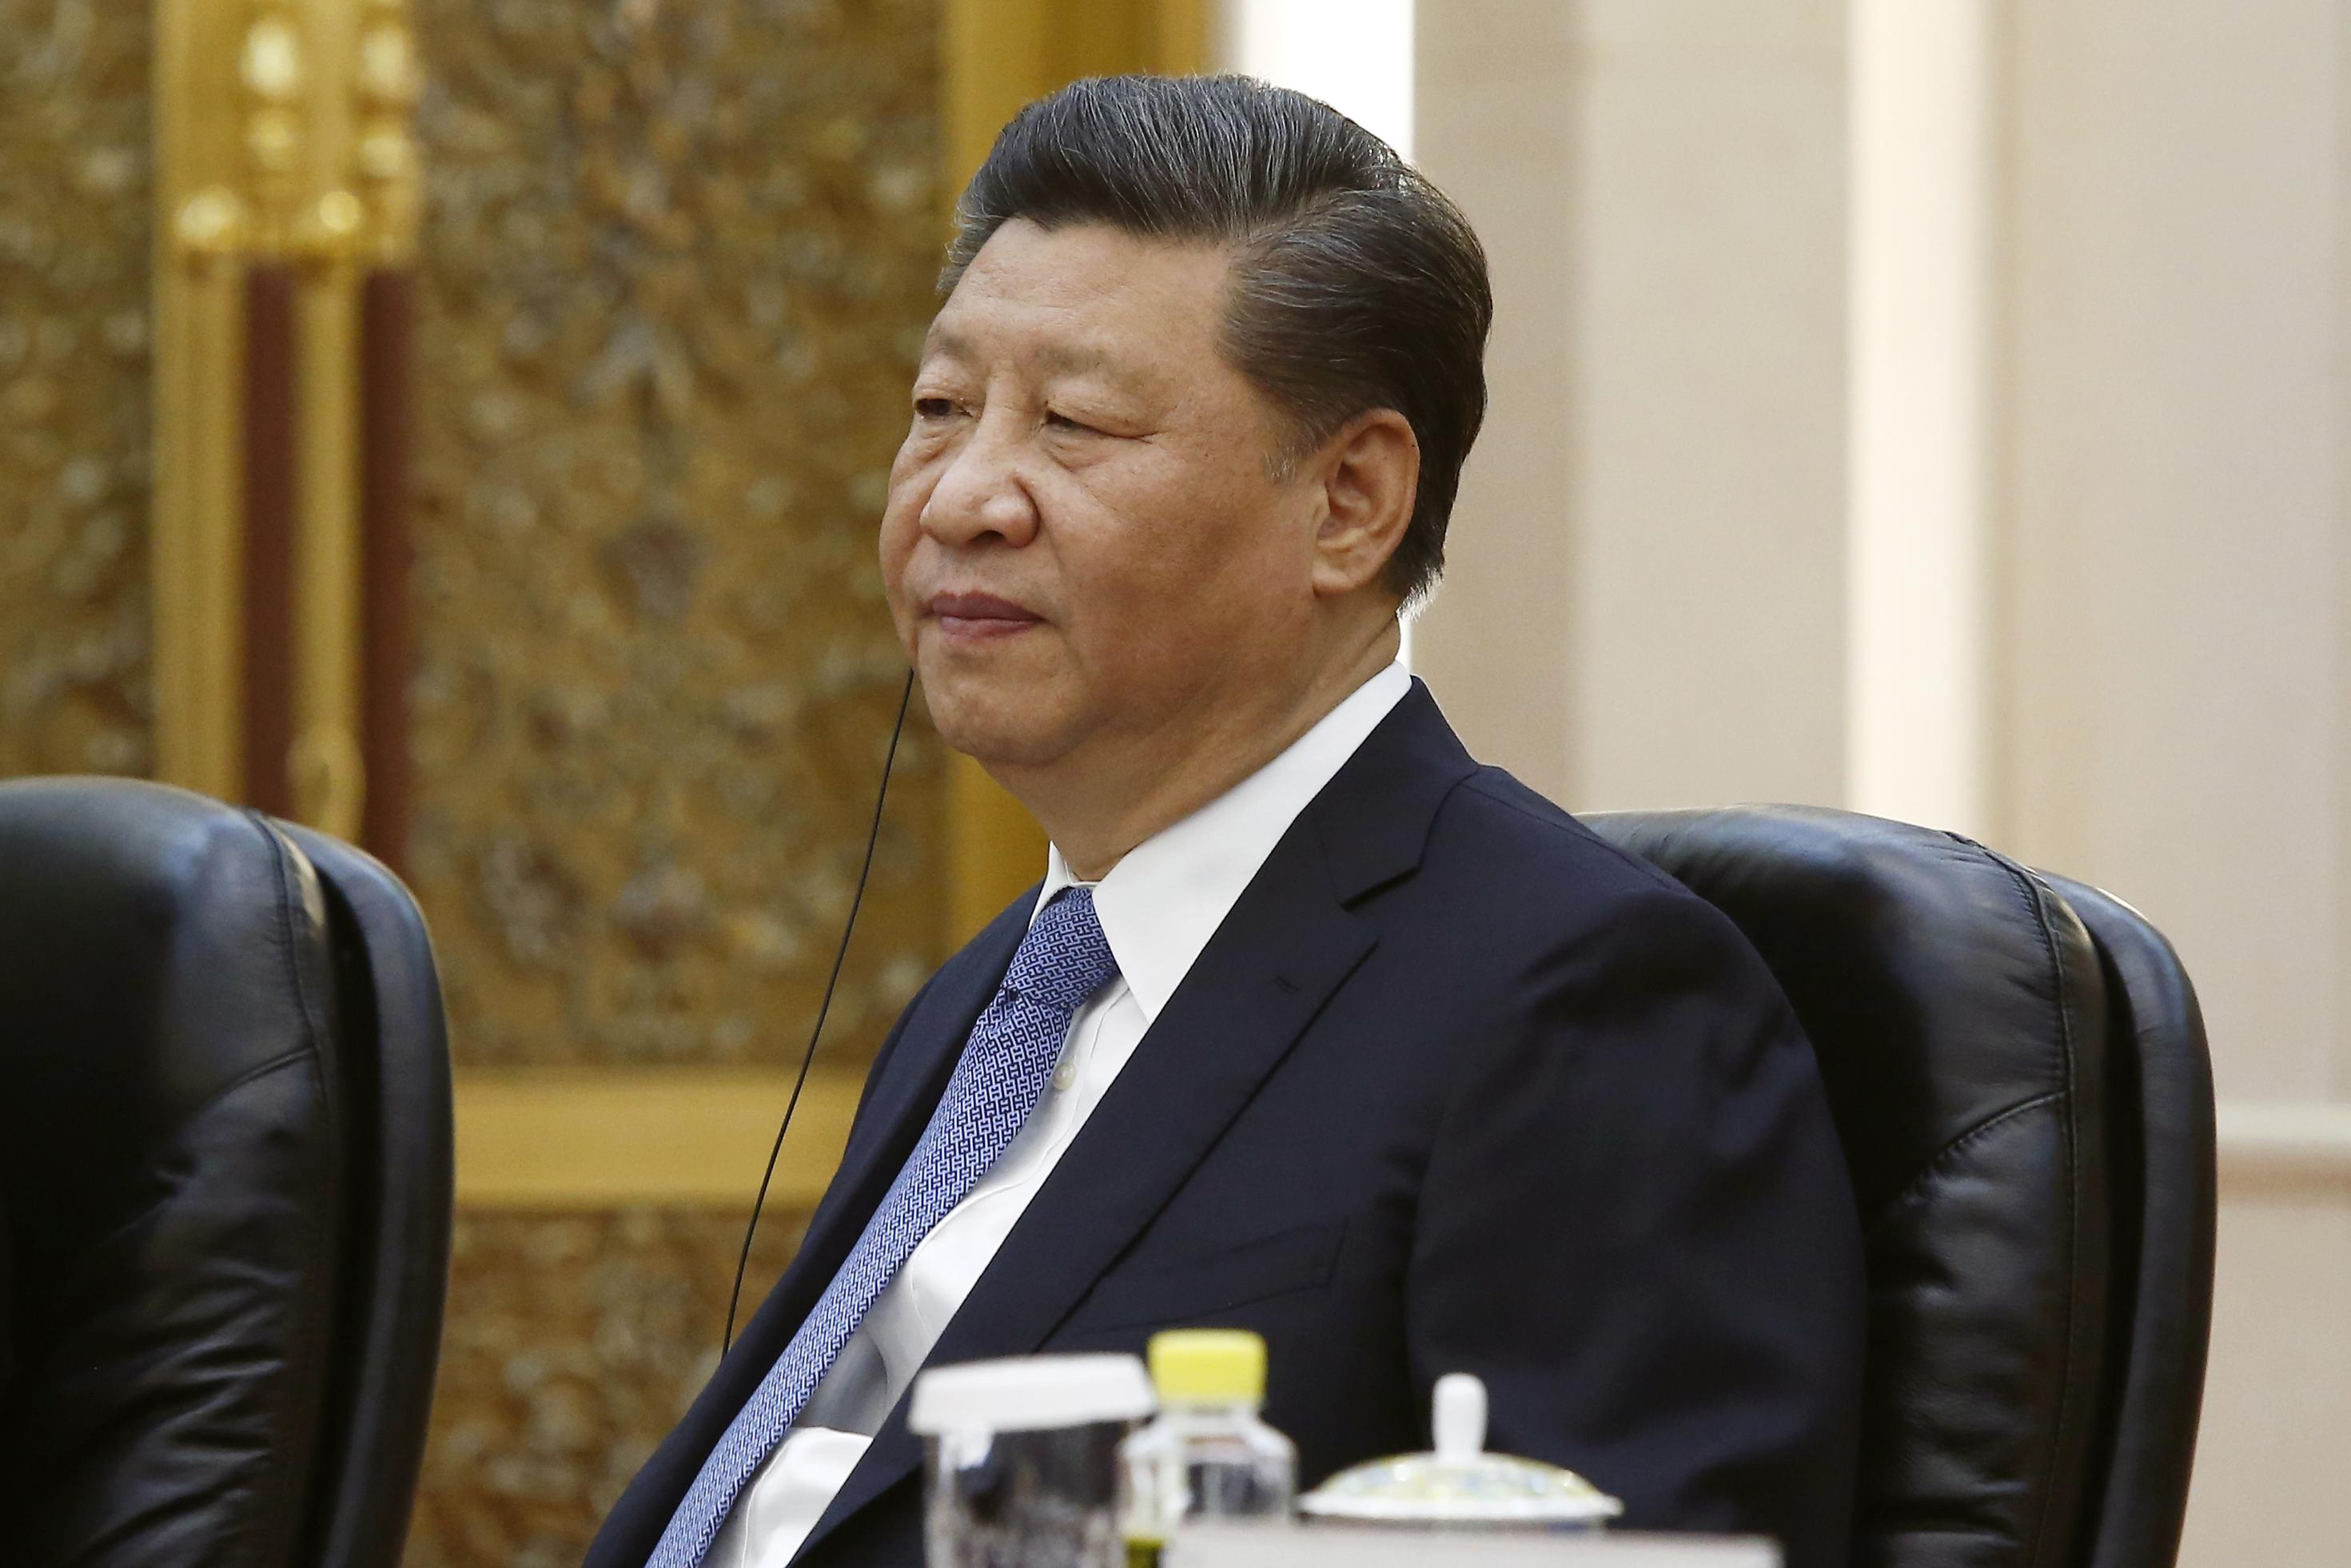 難掩經濟困境 北京推「區塊鏈」能解困?